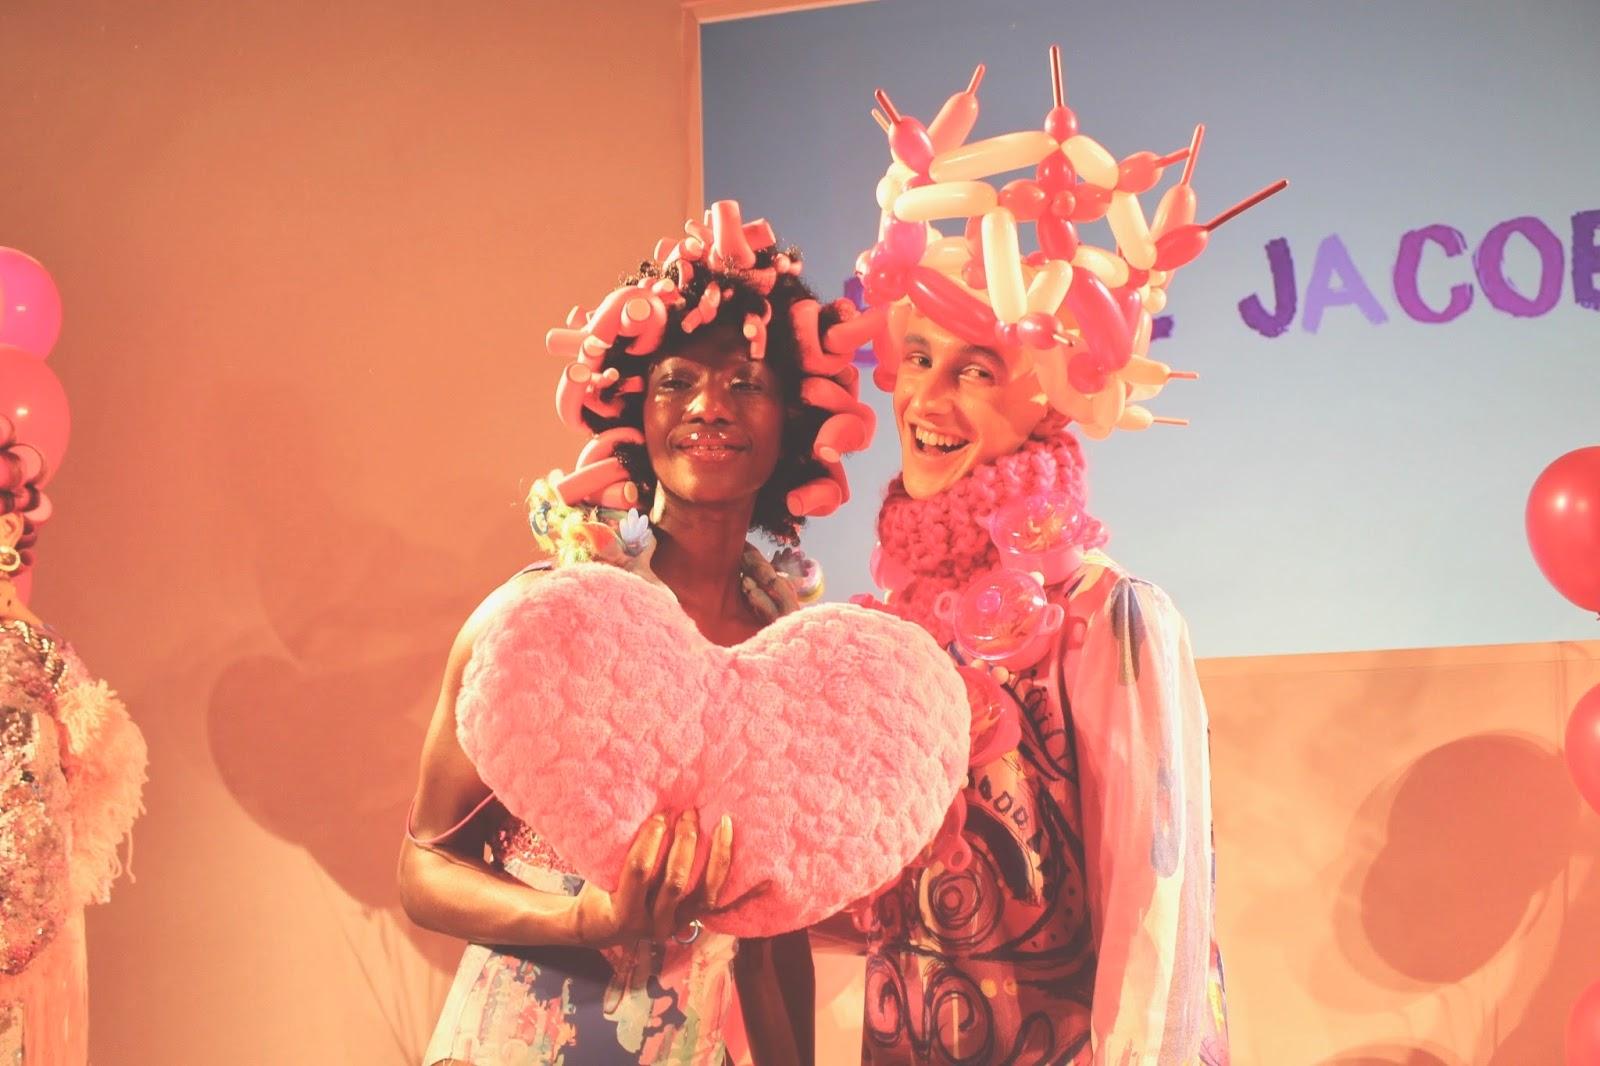 Billie Jacobina 100% Colour & Sass